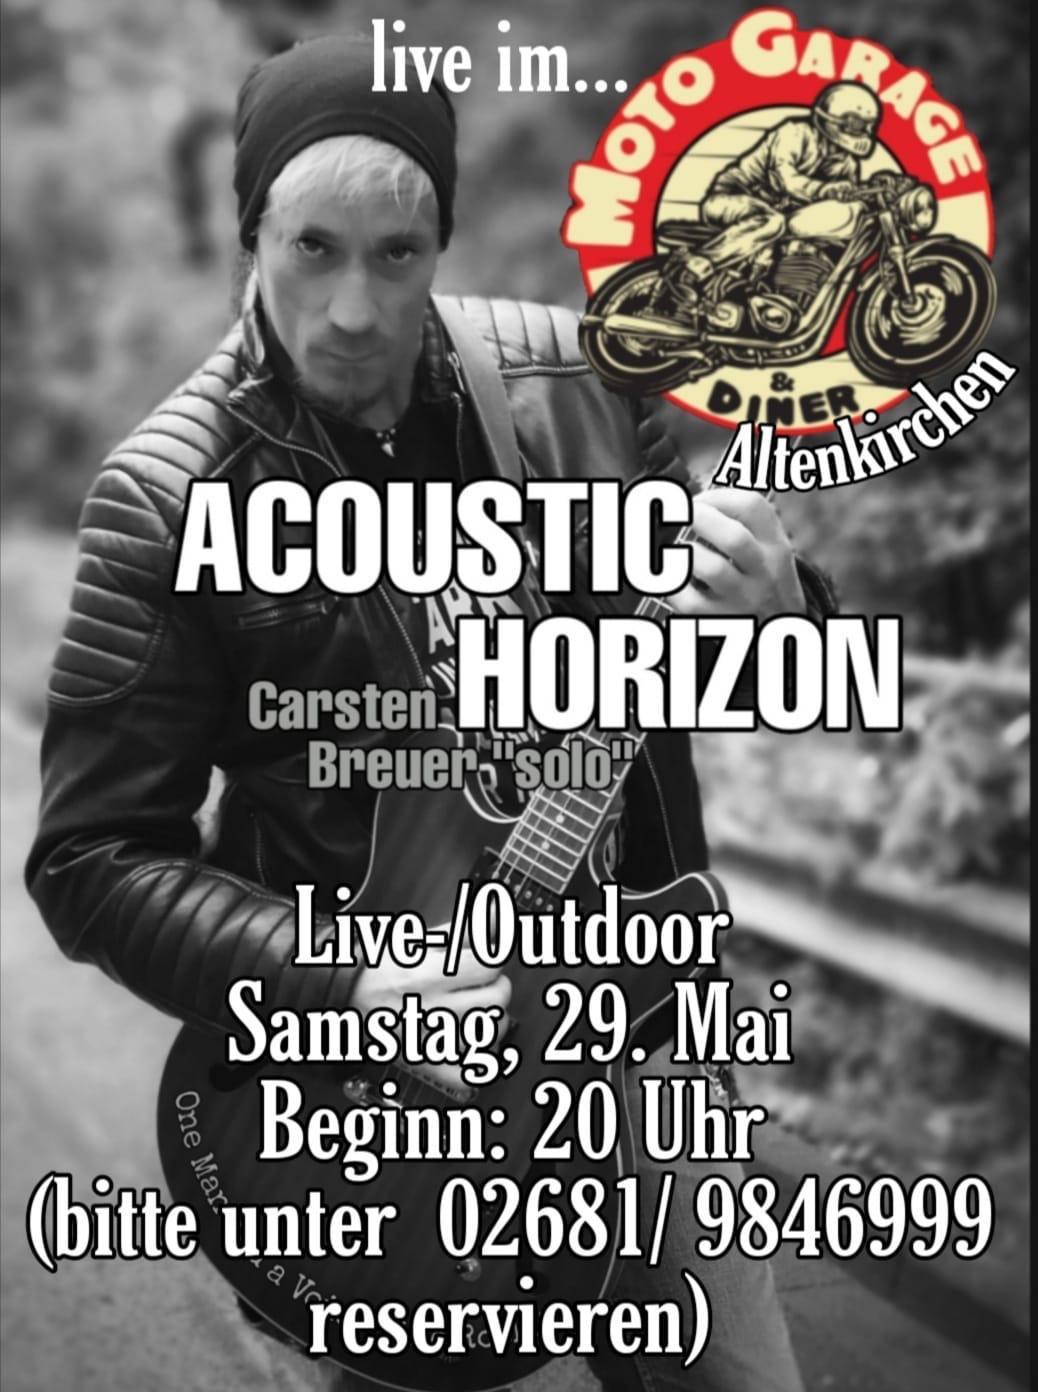 Accoustic Horizon mit Carsten Breuer live bei Moto Garage Diner in Altenkirchen